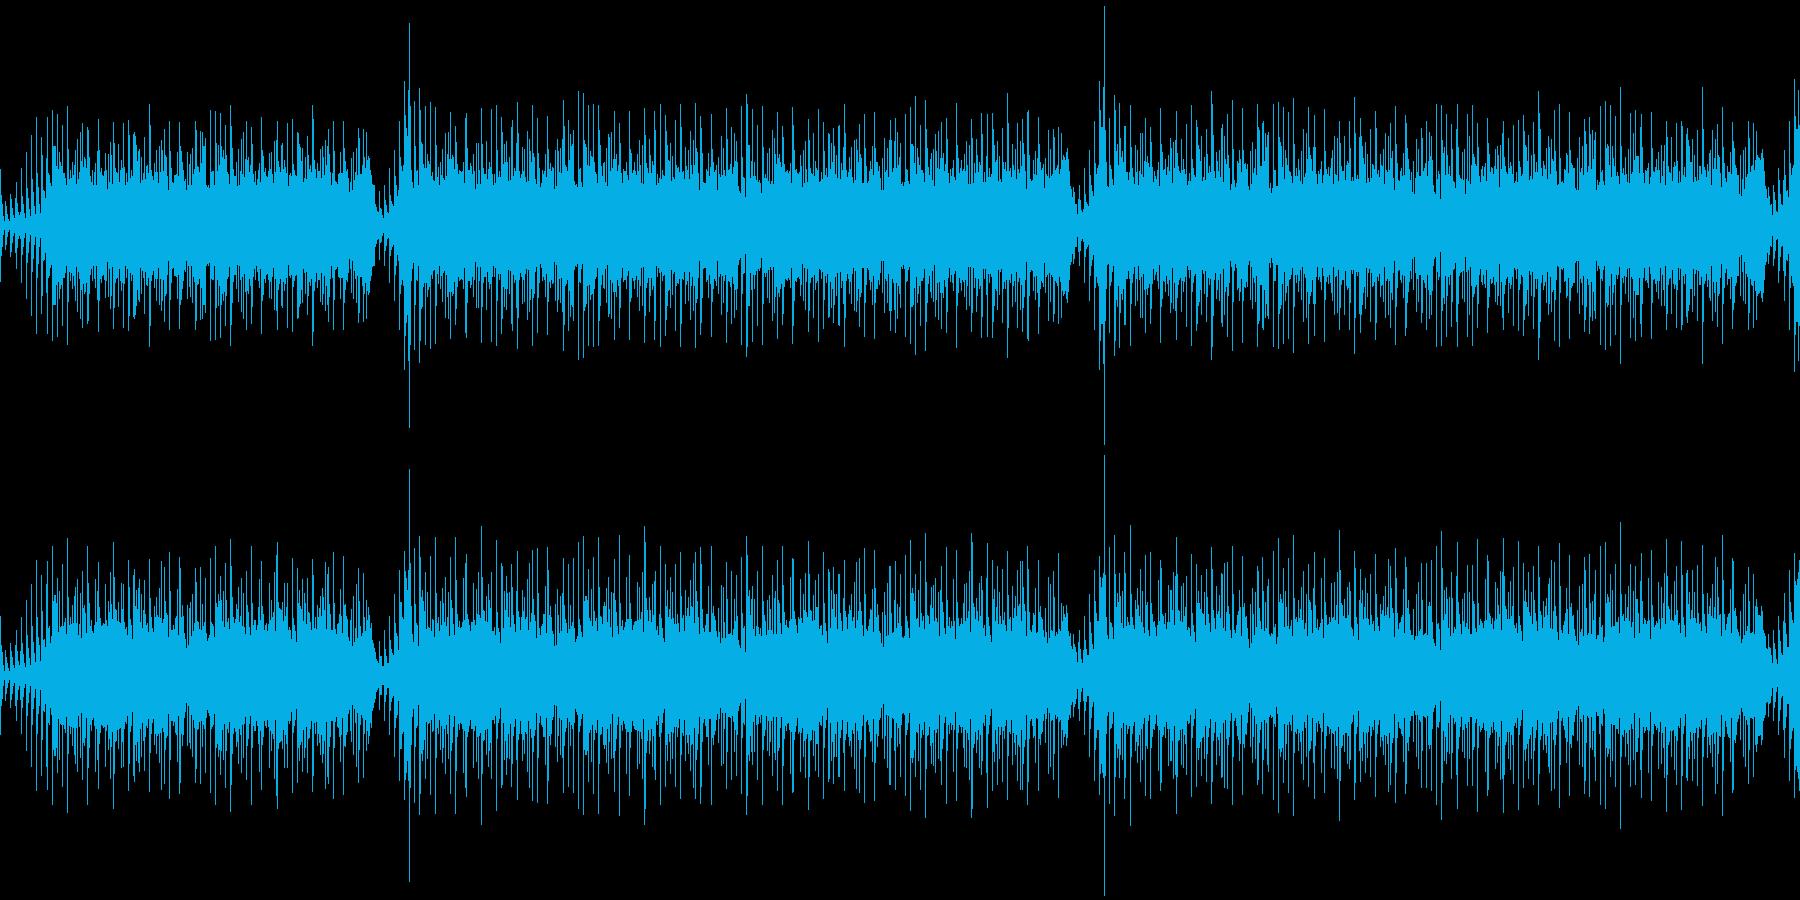 学生の研究課題のアニメーションのBGM…の再生済みの波形